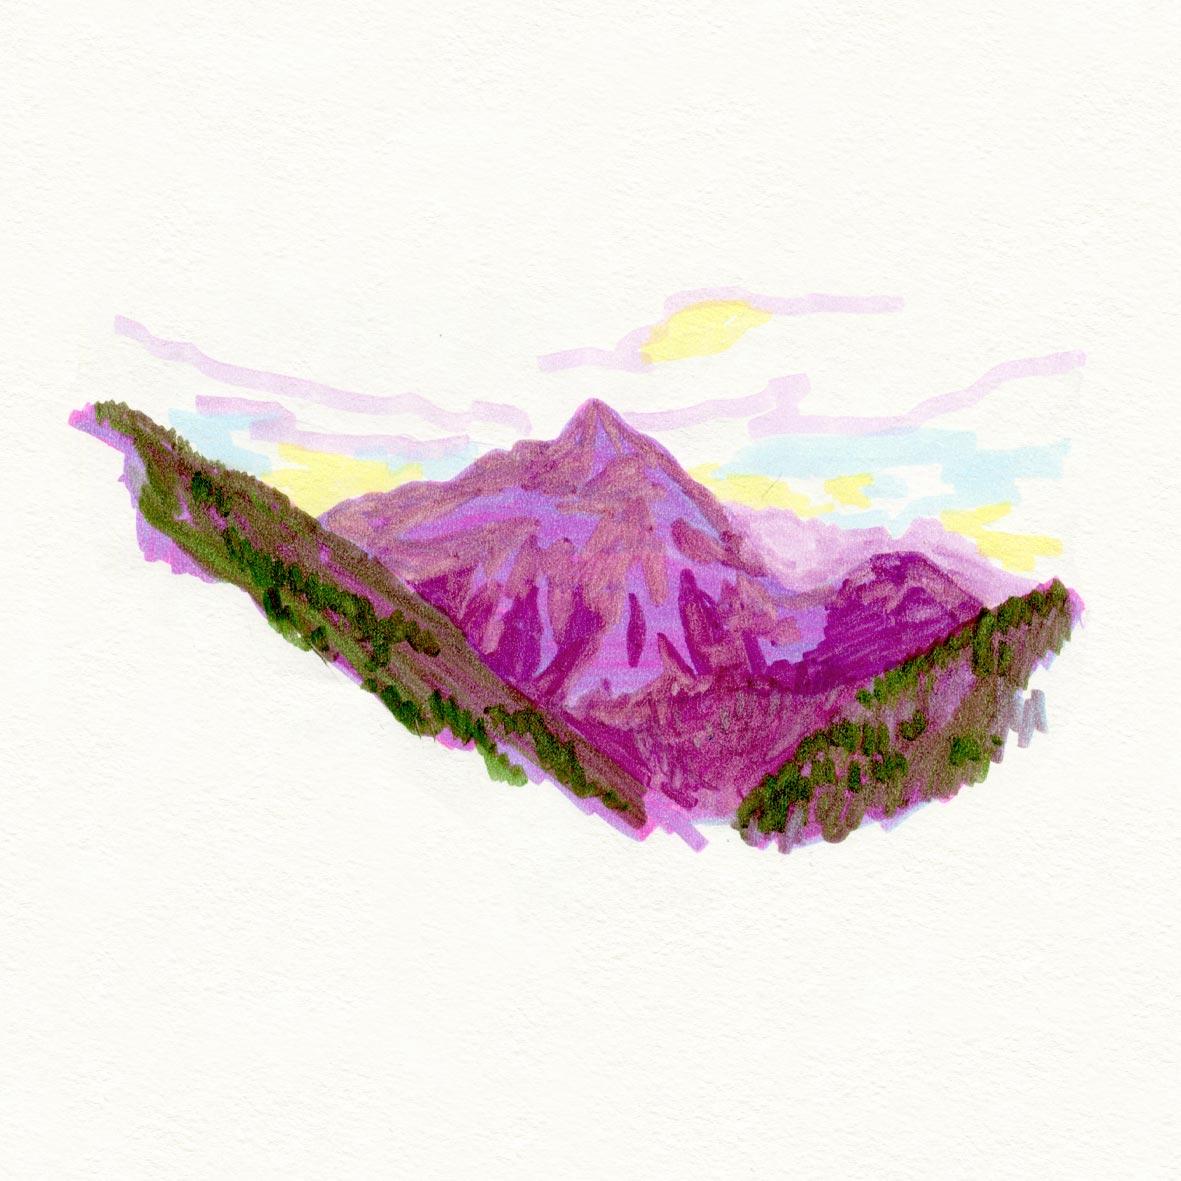 croquis_summer_sketche_feutre_montagne_06